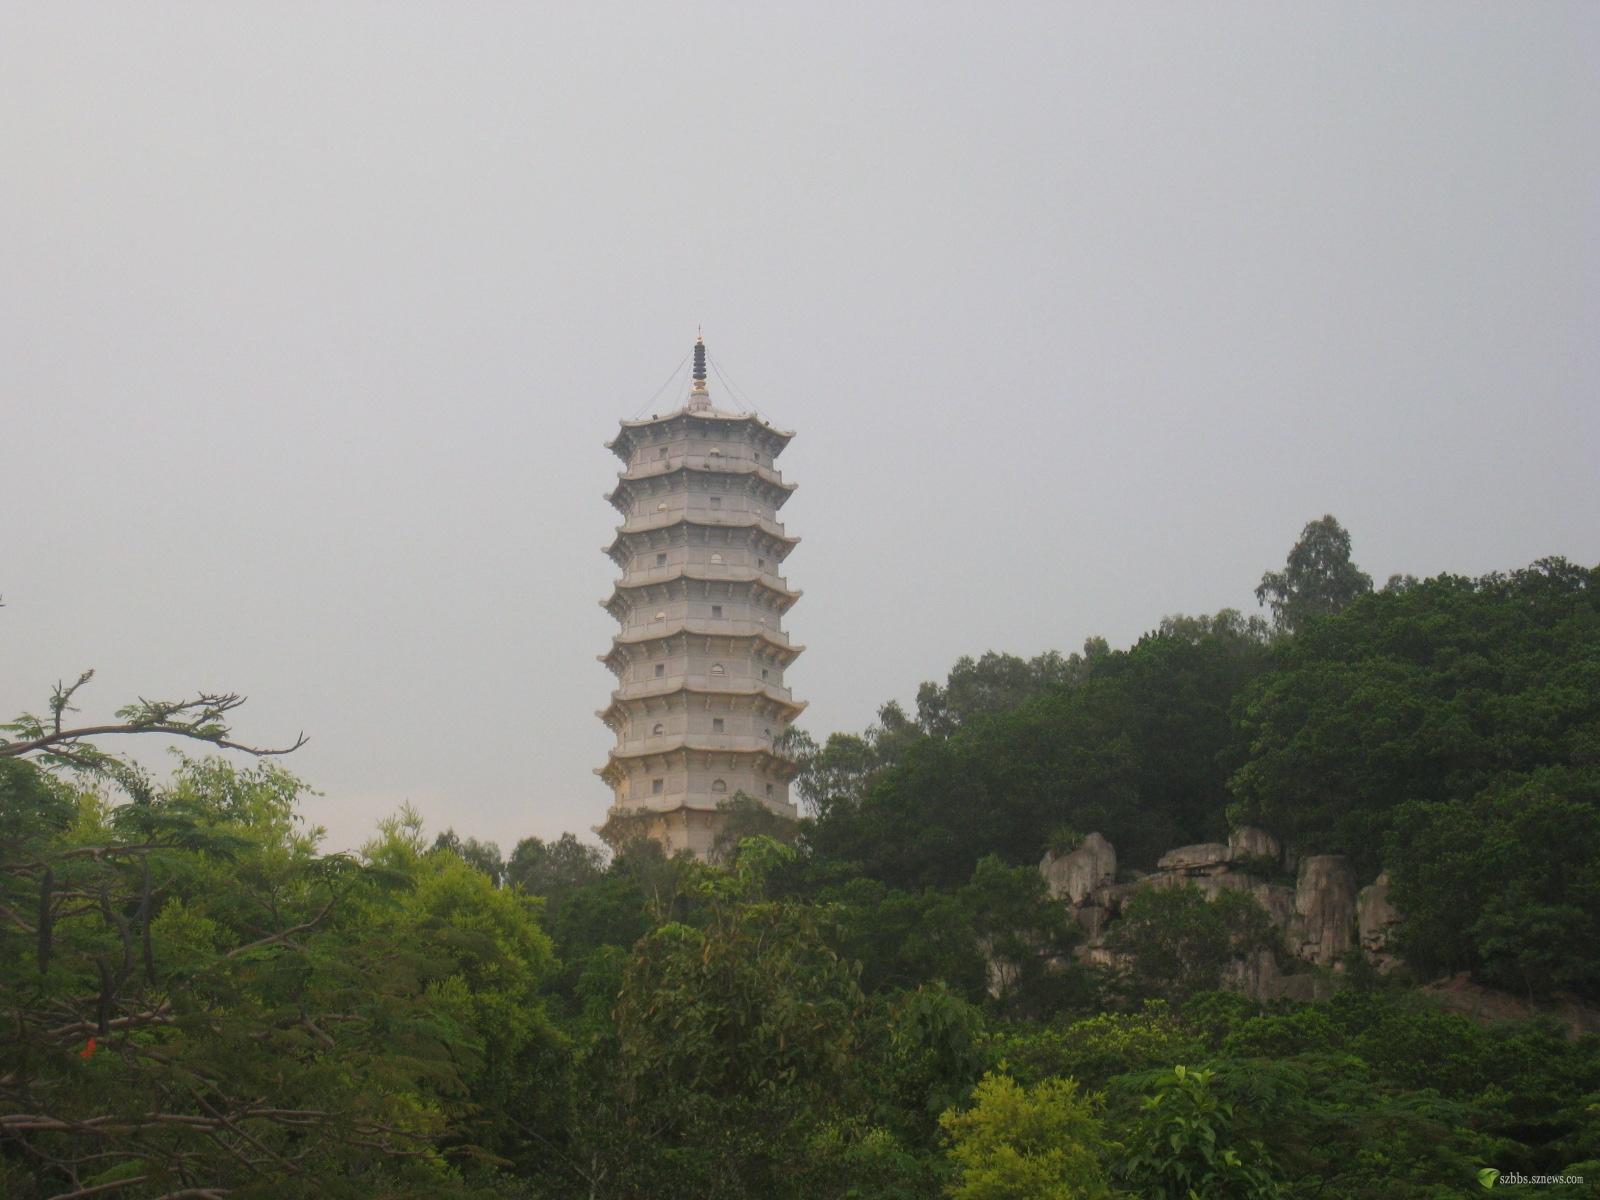 中国书法遍布园博园聚福山登山道 我说深圳事 深圳论坛